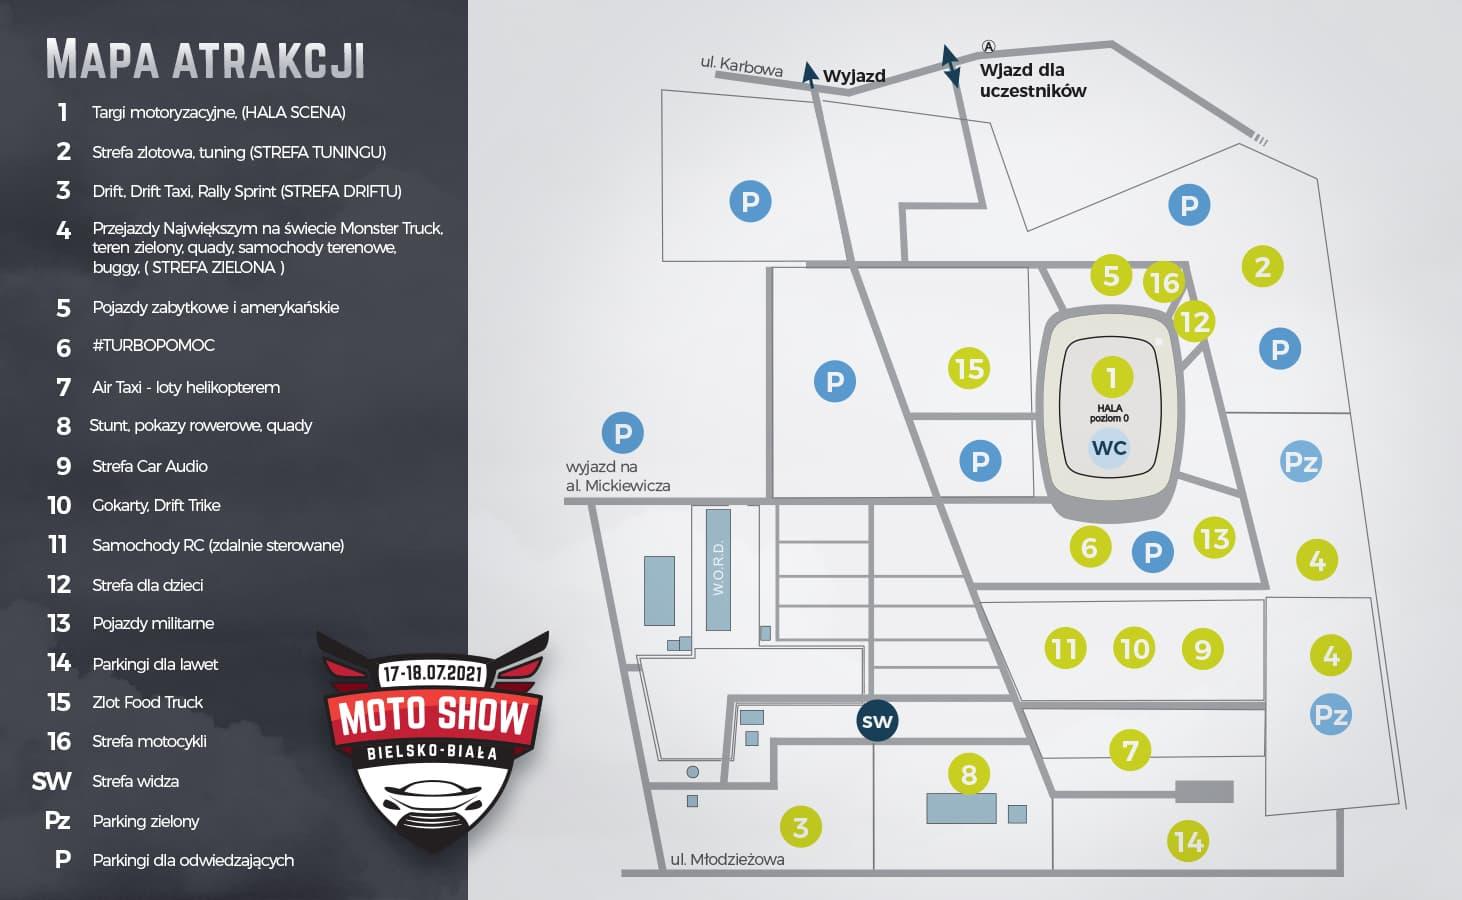 mapa motoshow bielsko-biała 2021